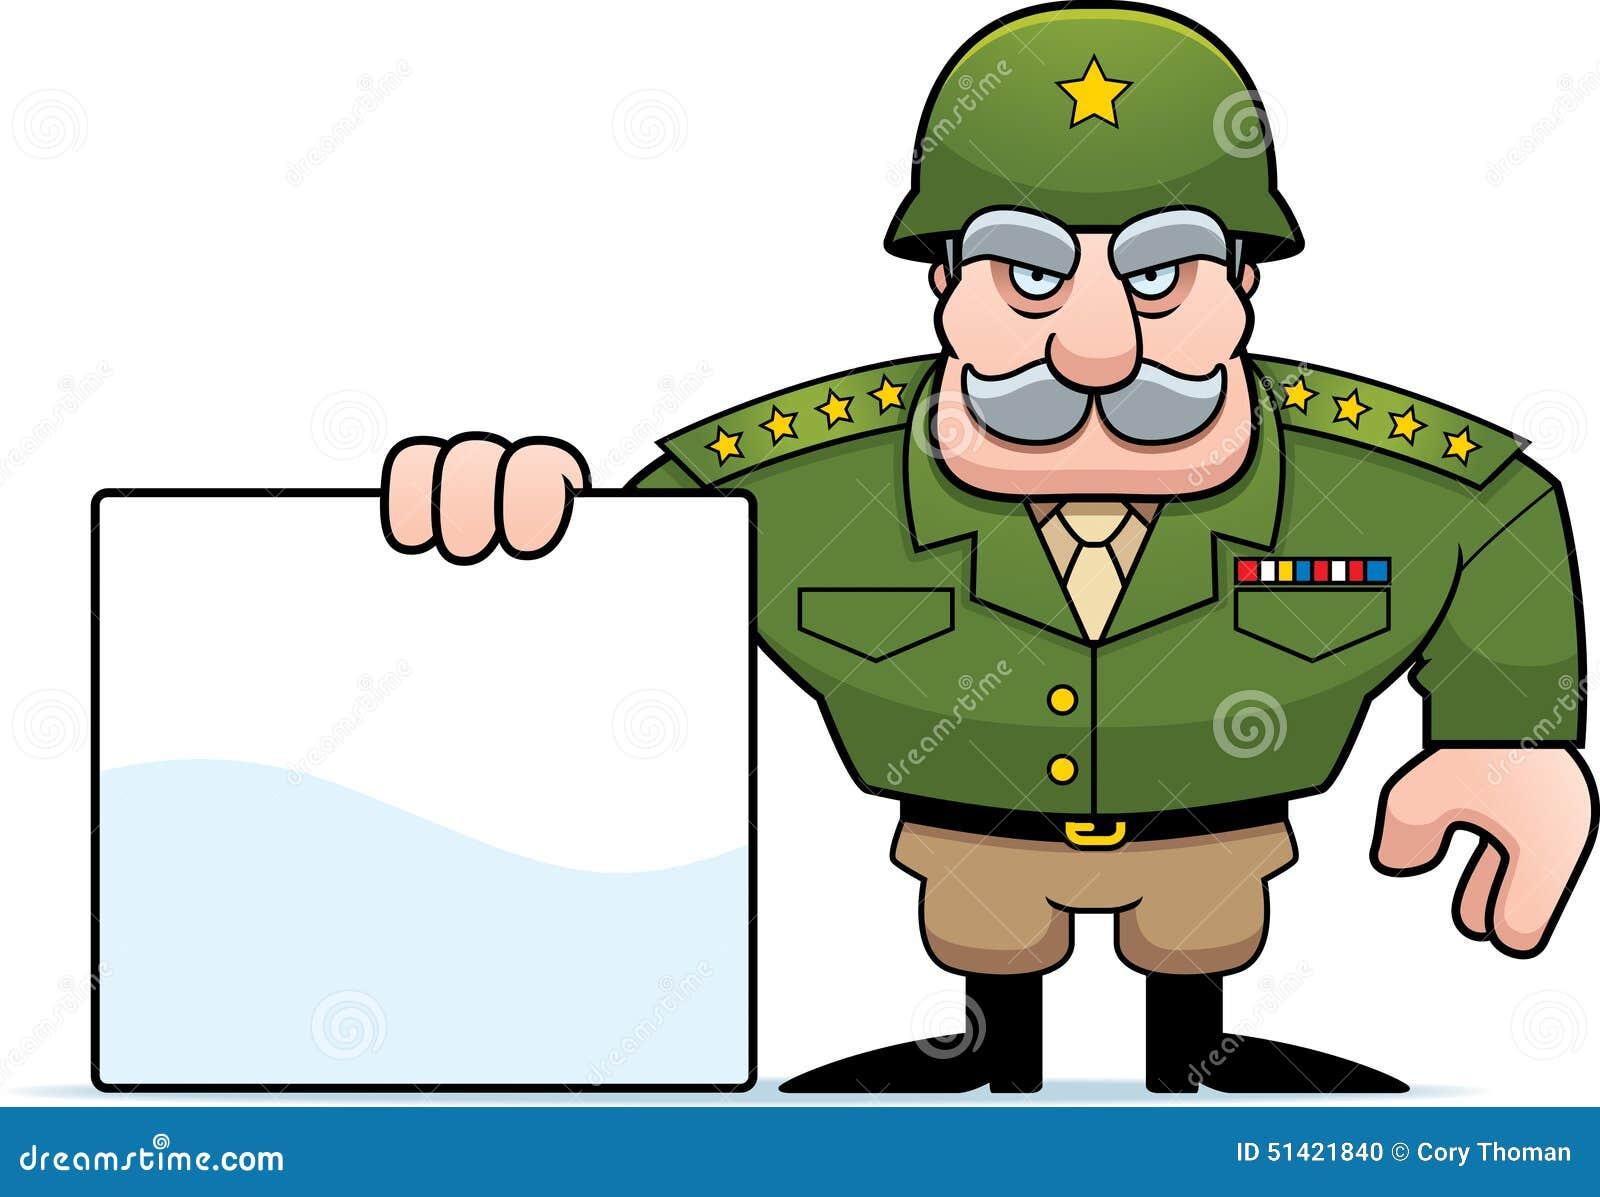 Военный юрист прикольные картинки